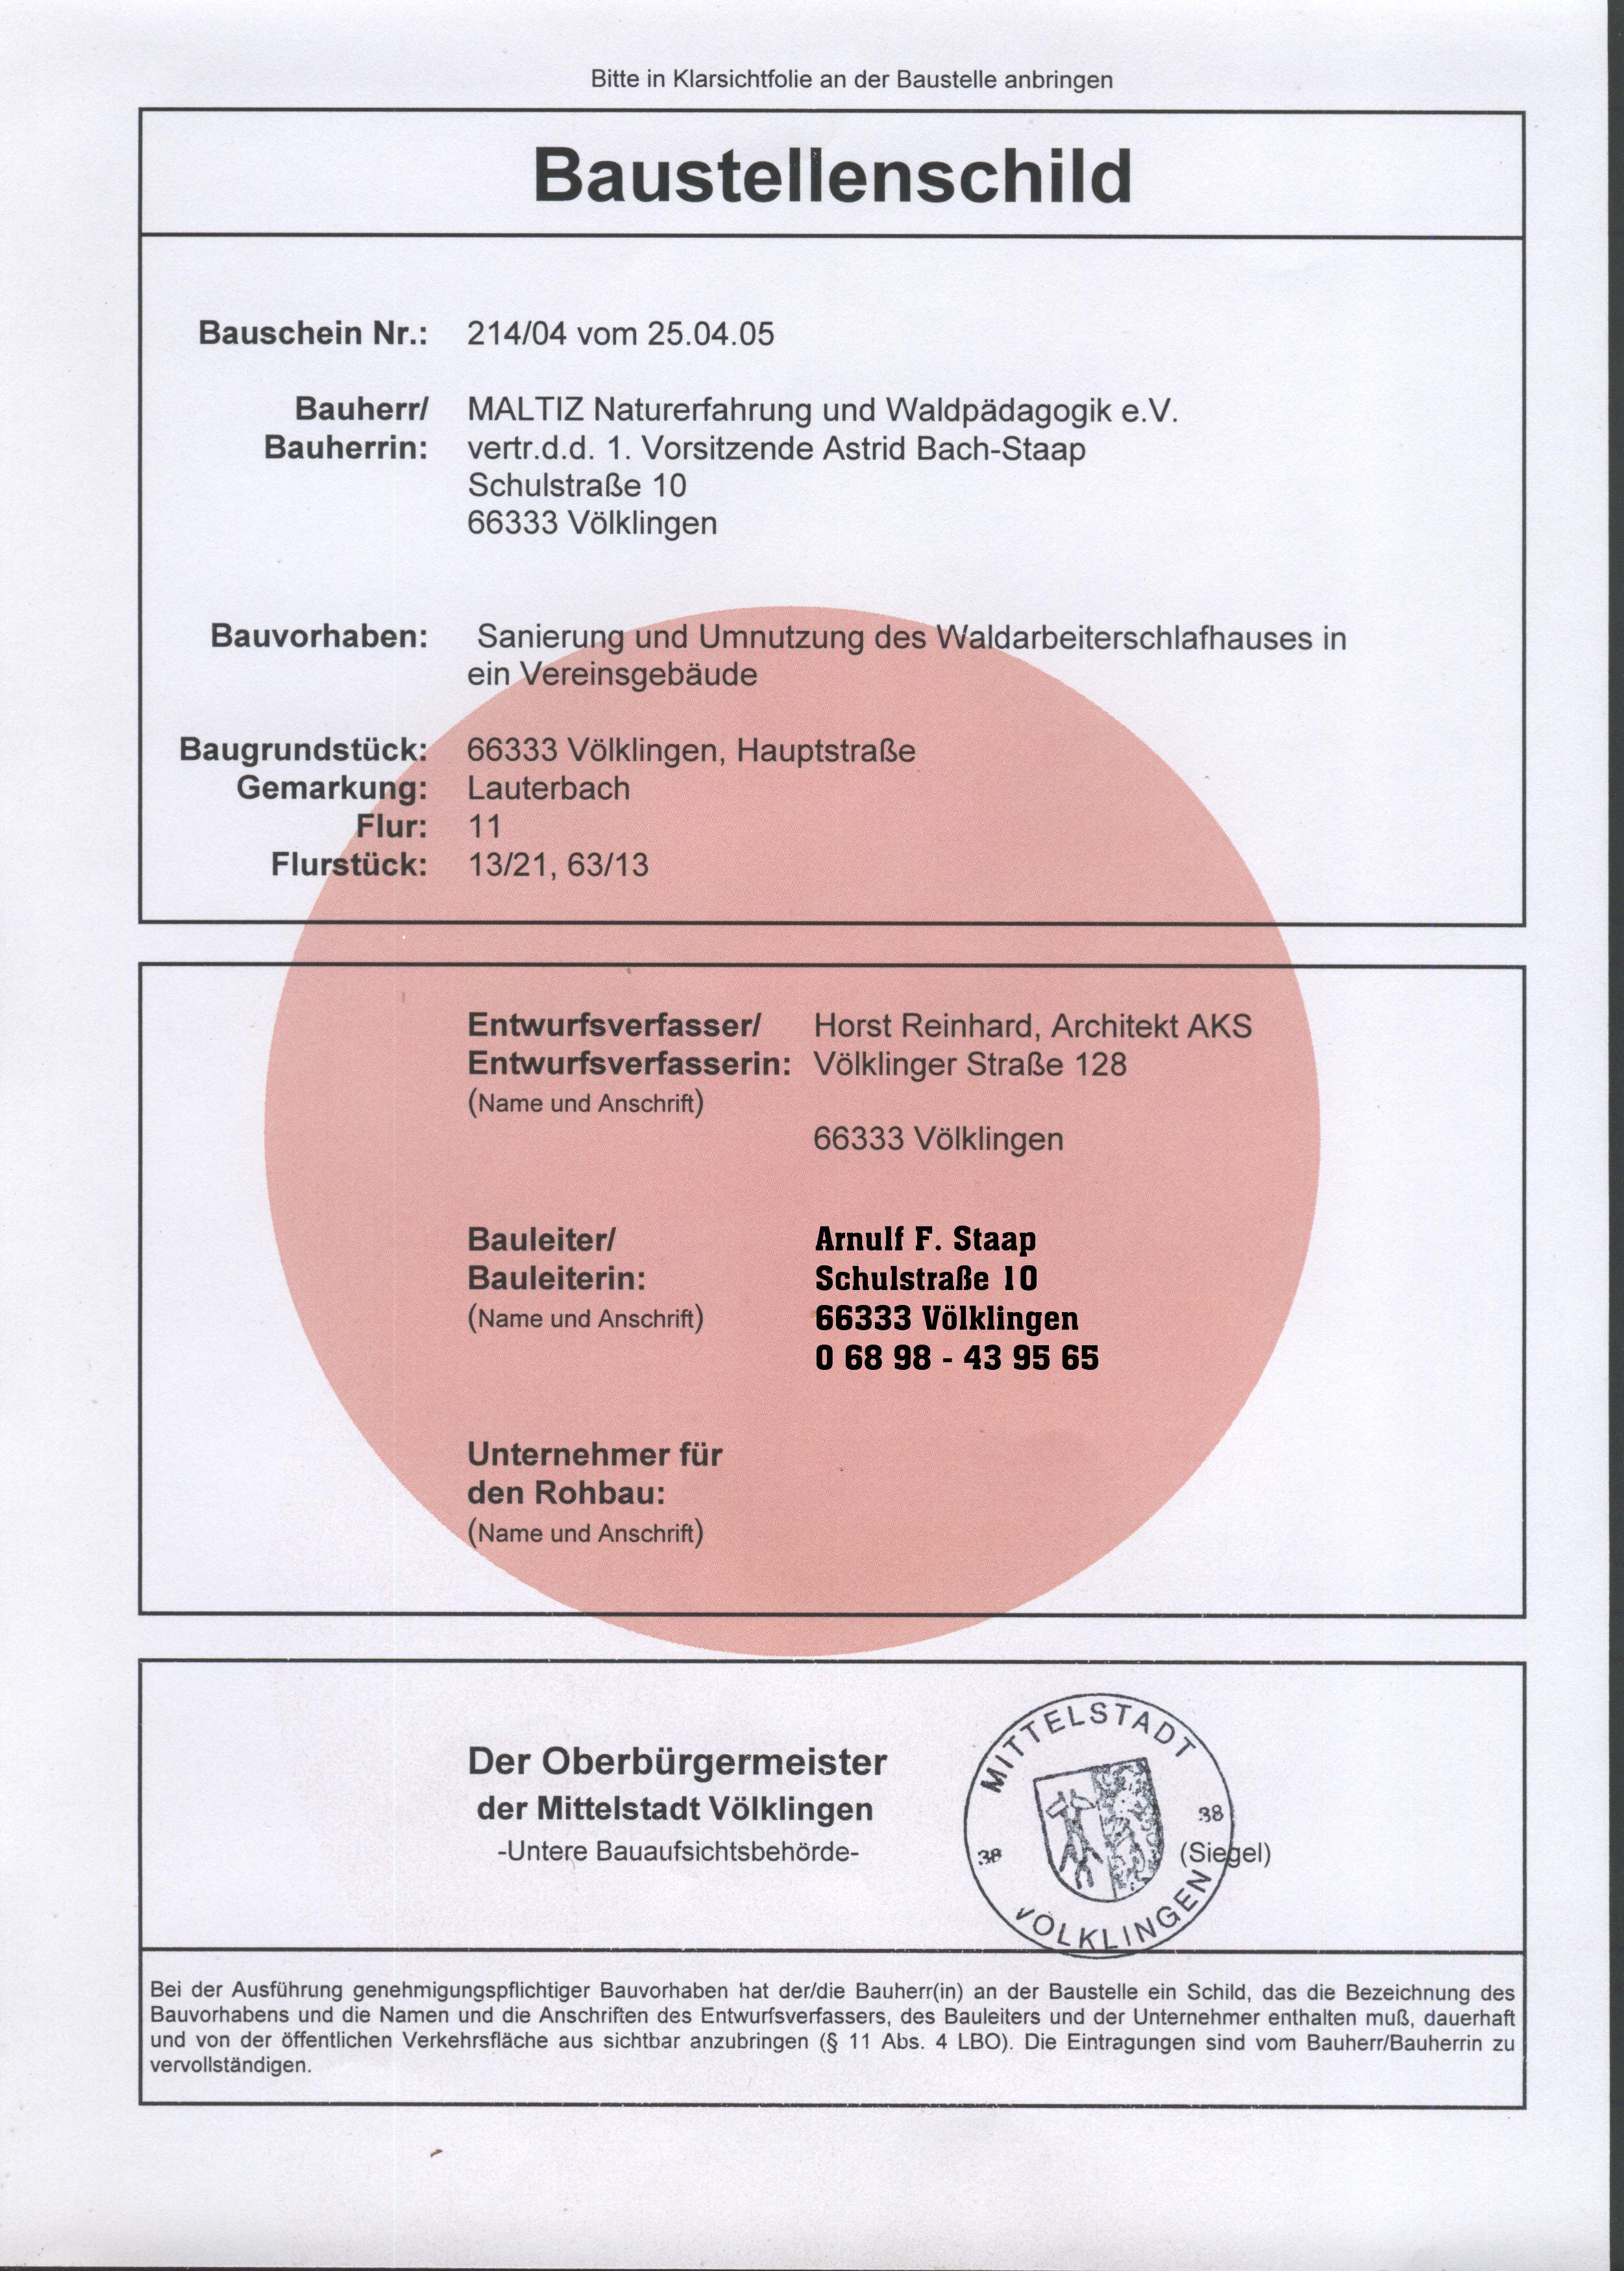 Baustellenschild - tektorum.de